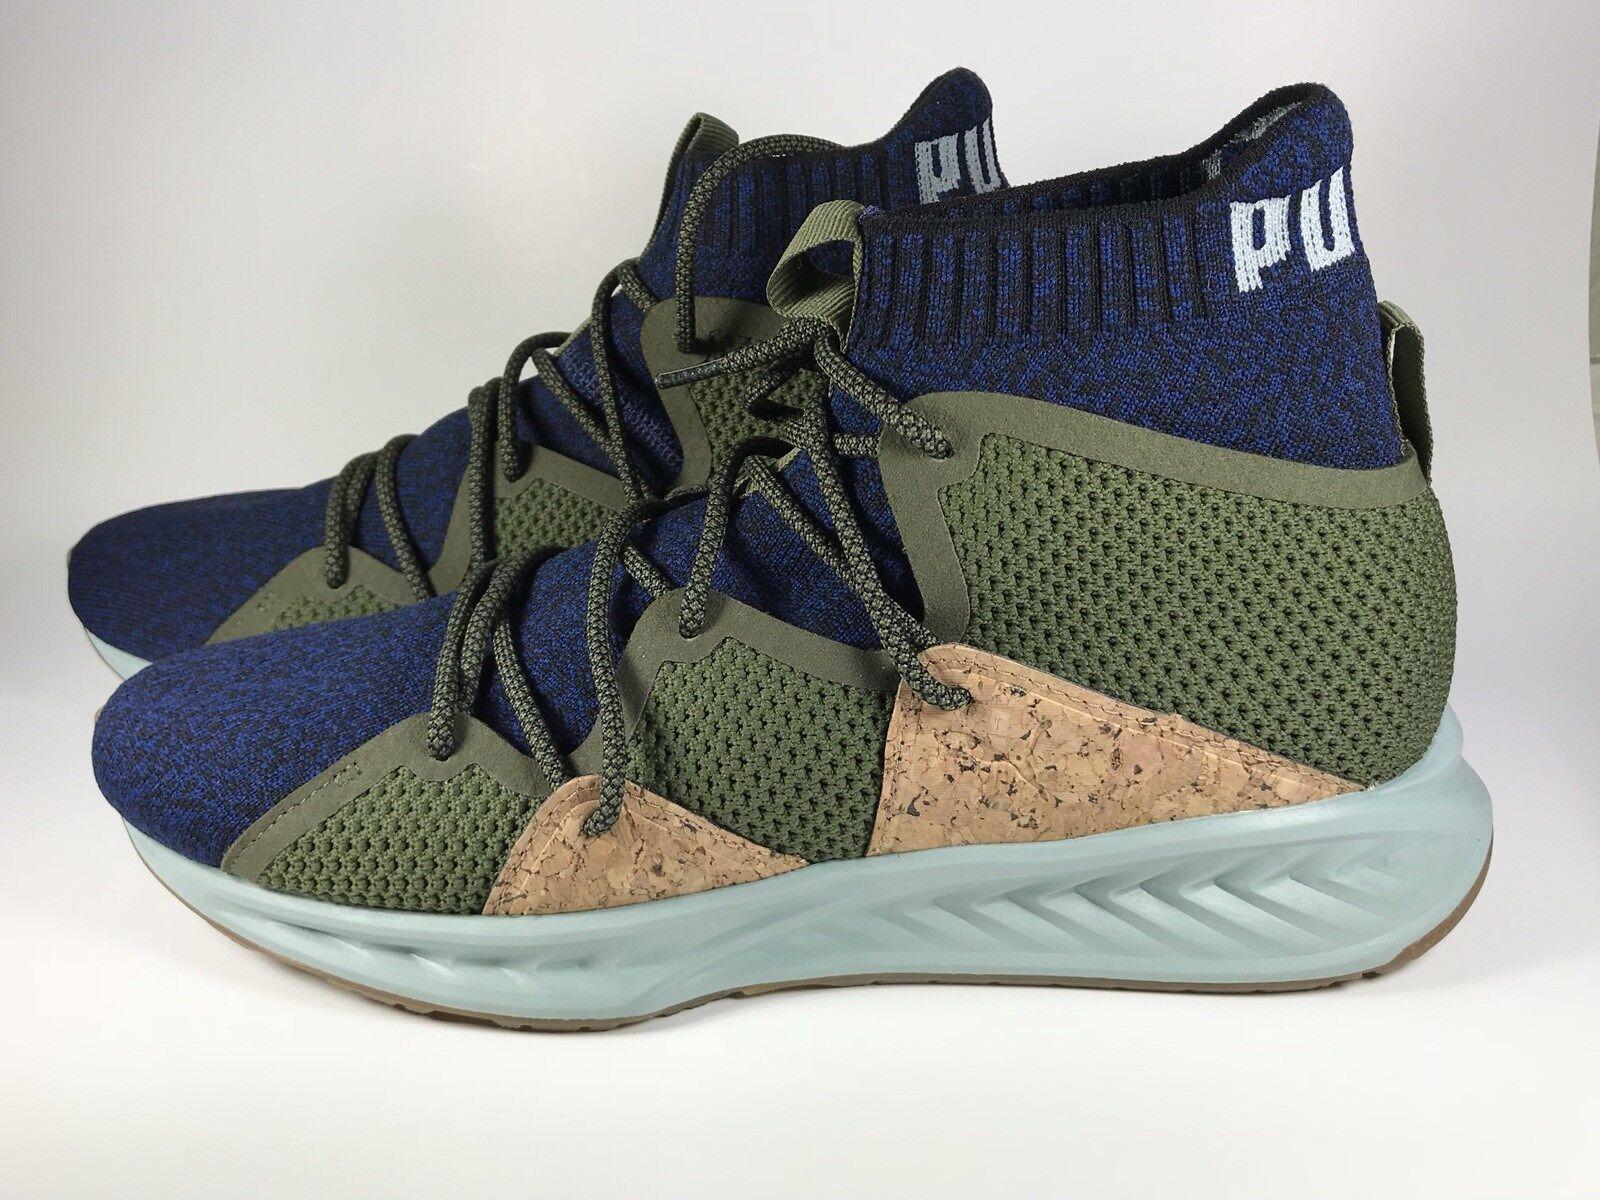 PUMA Sz Ignite Wave EvoKnit Wave Training Shoes Sz PUMA 9 RARE!! (Retail $135) 1e8f74